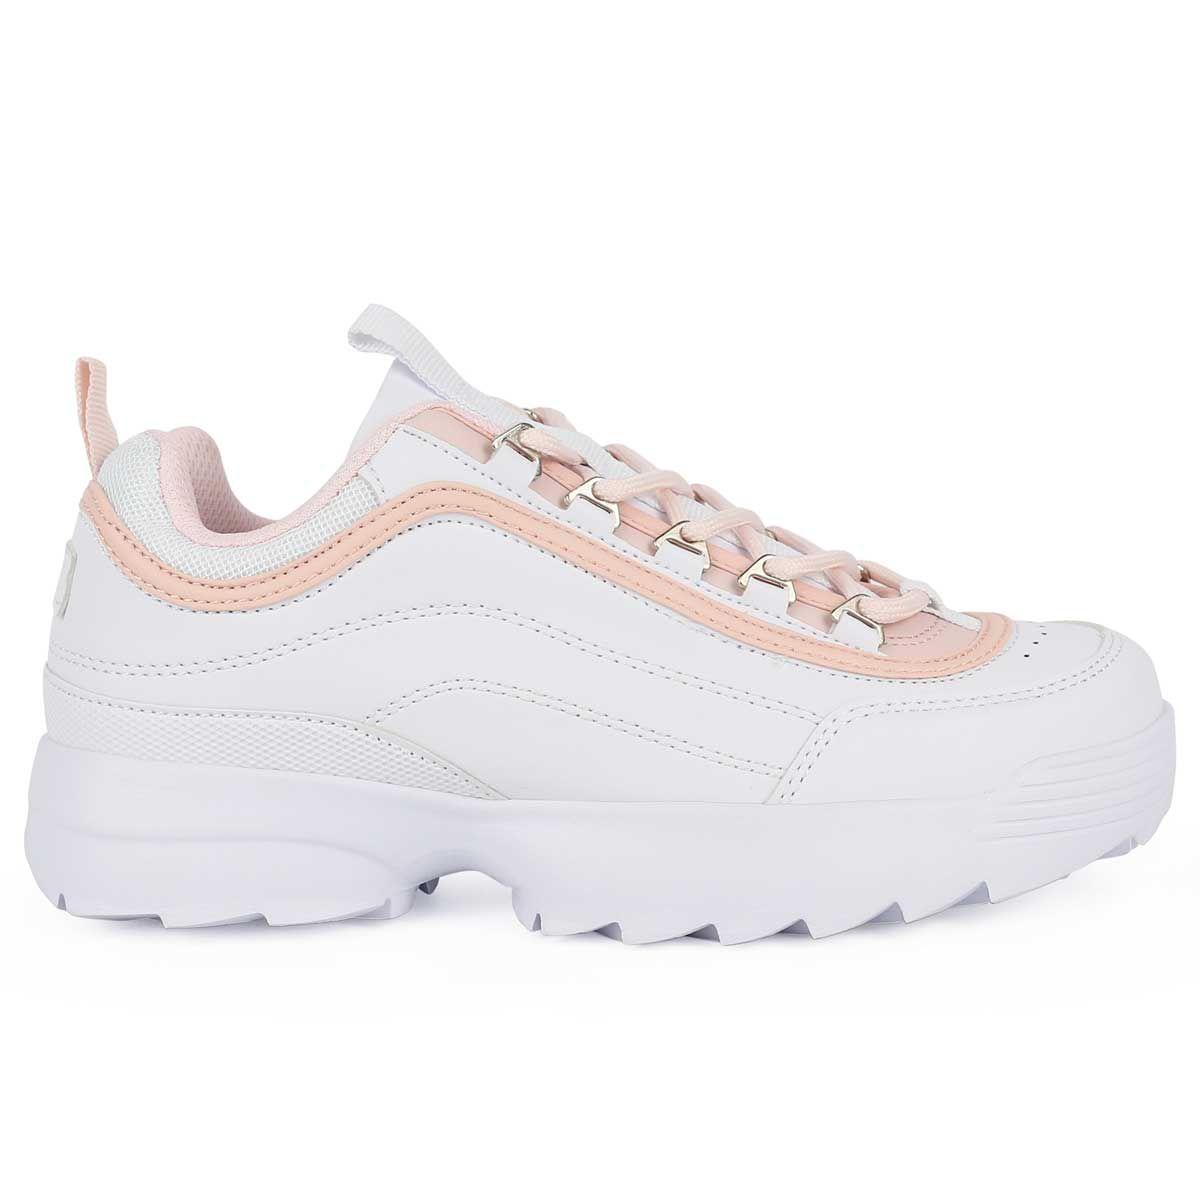 Montevita Chunky Sneaker in White